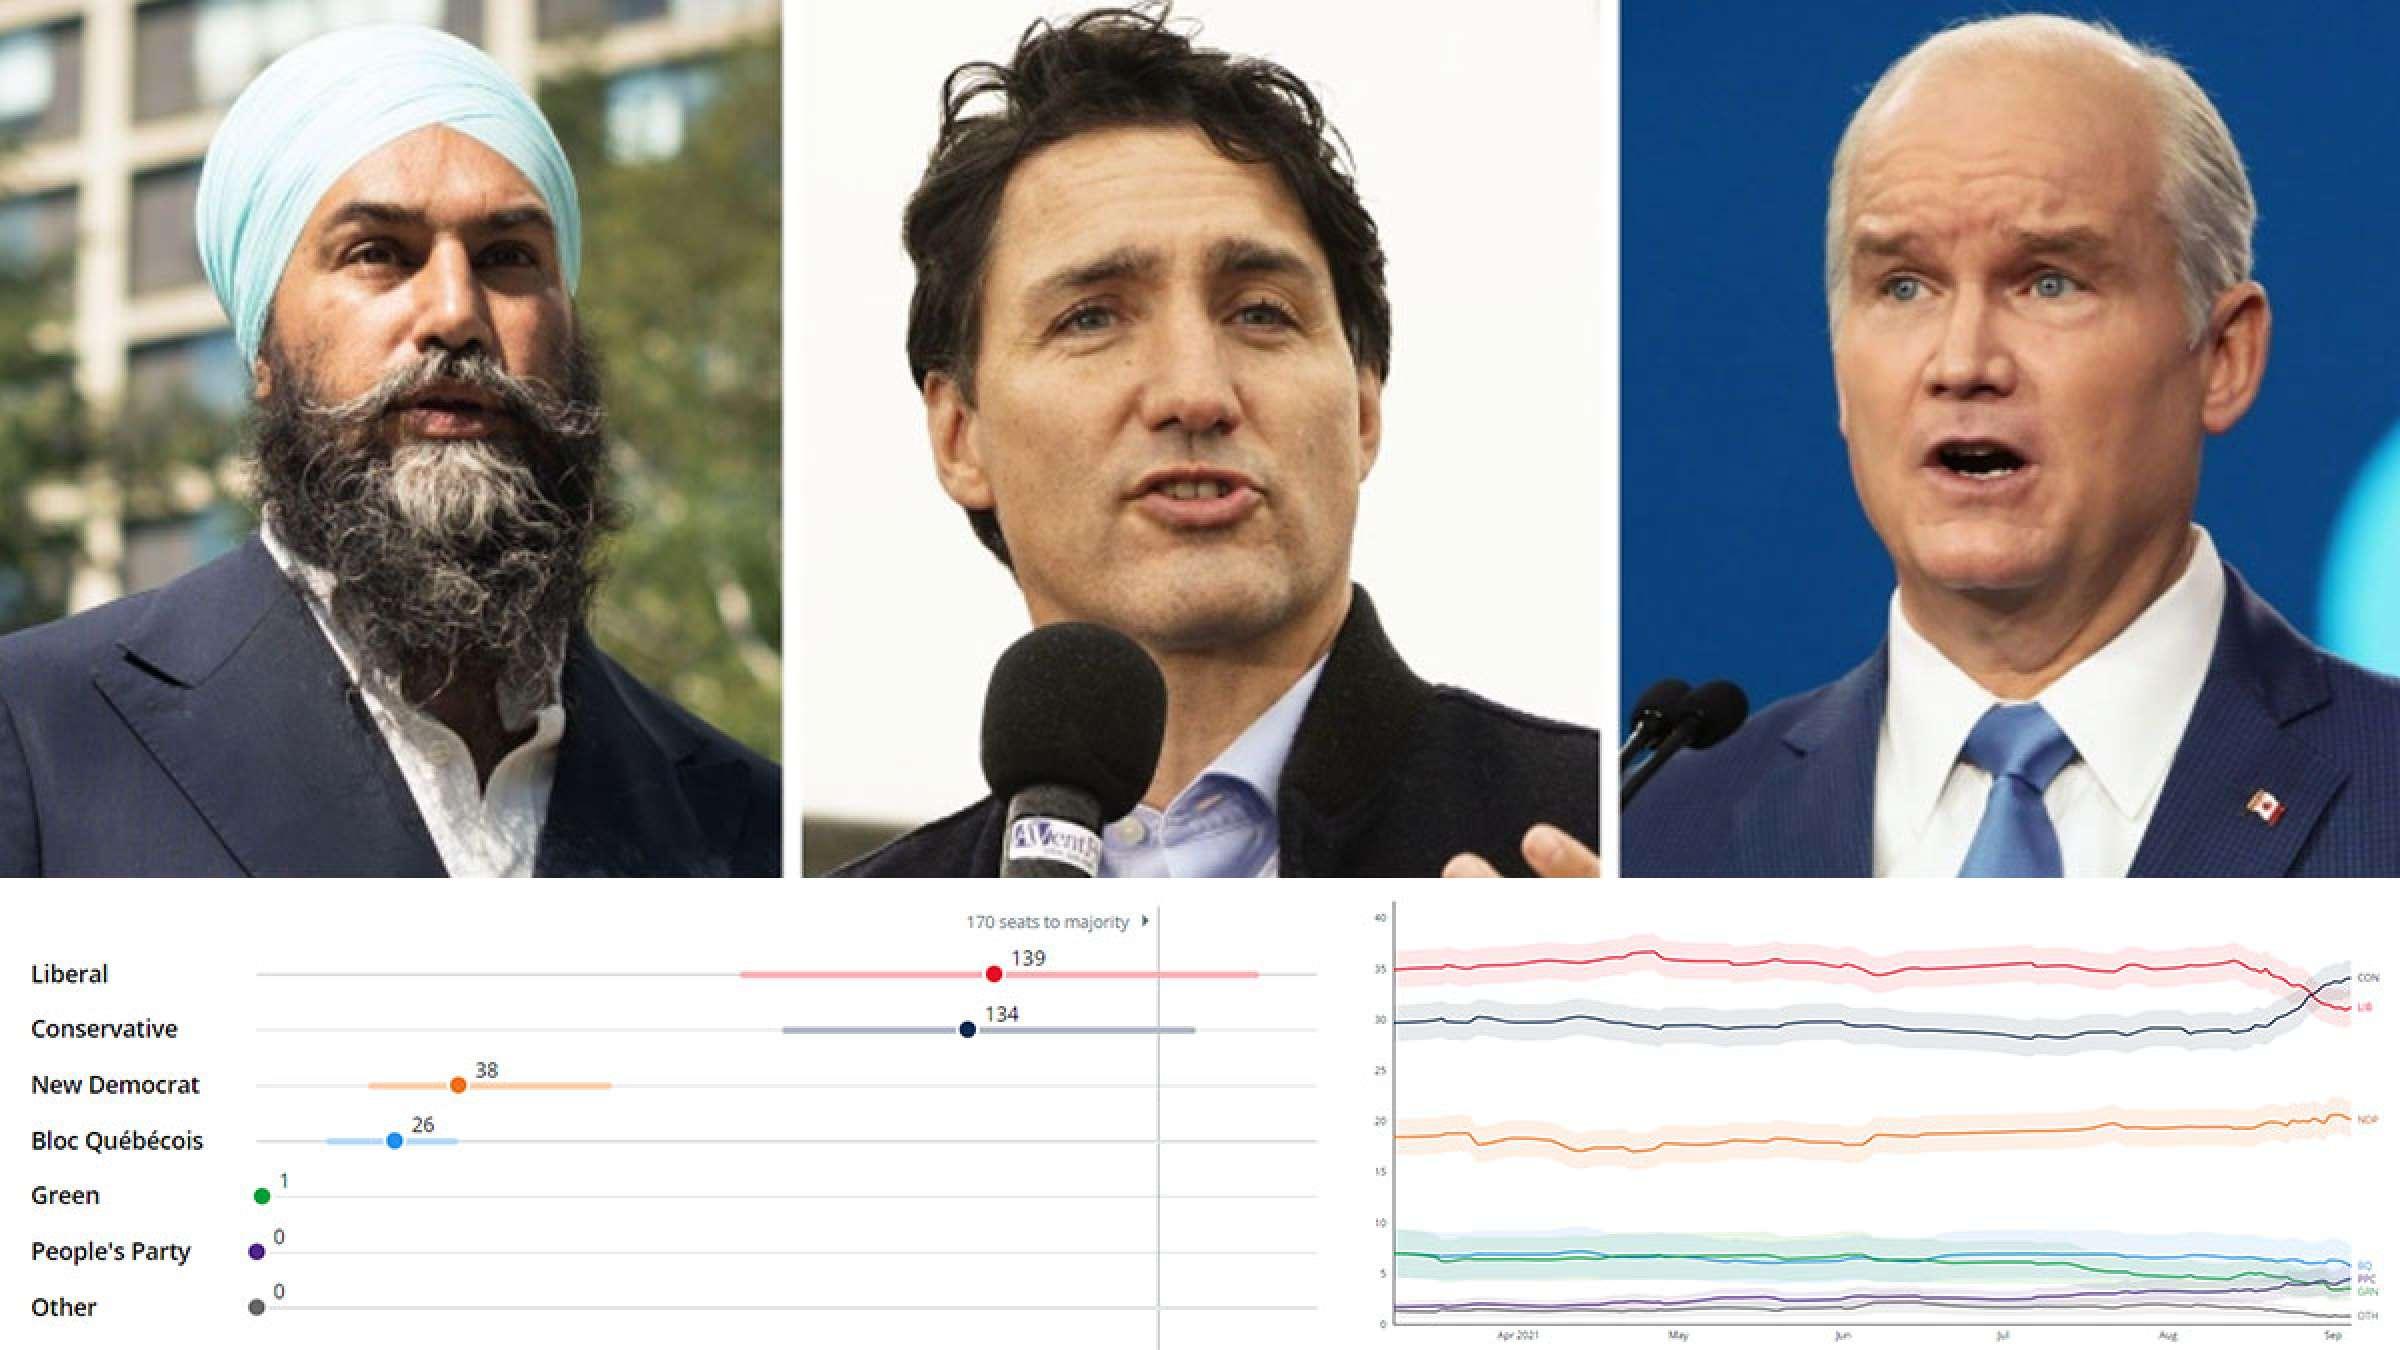 خبر-کانادا-طناب-کشی-سر-اسلحه-و-کرونا-در-انتخابات-محافظهکاران-فاصله-پیش-بودن-از-لیبرالها-را-بیشتر-کردند